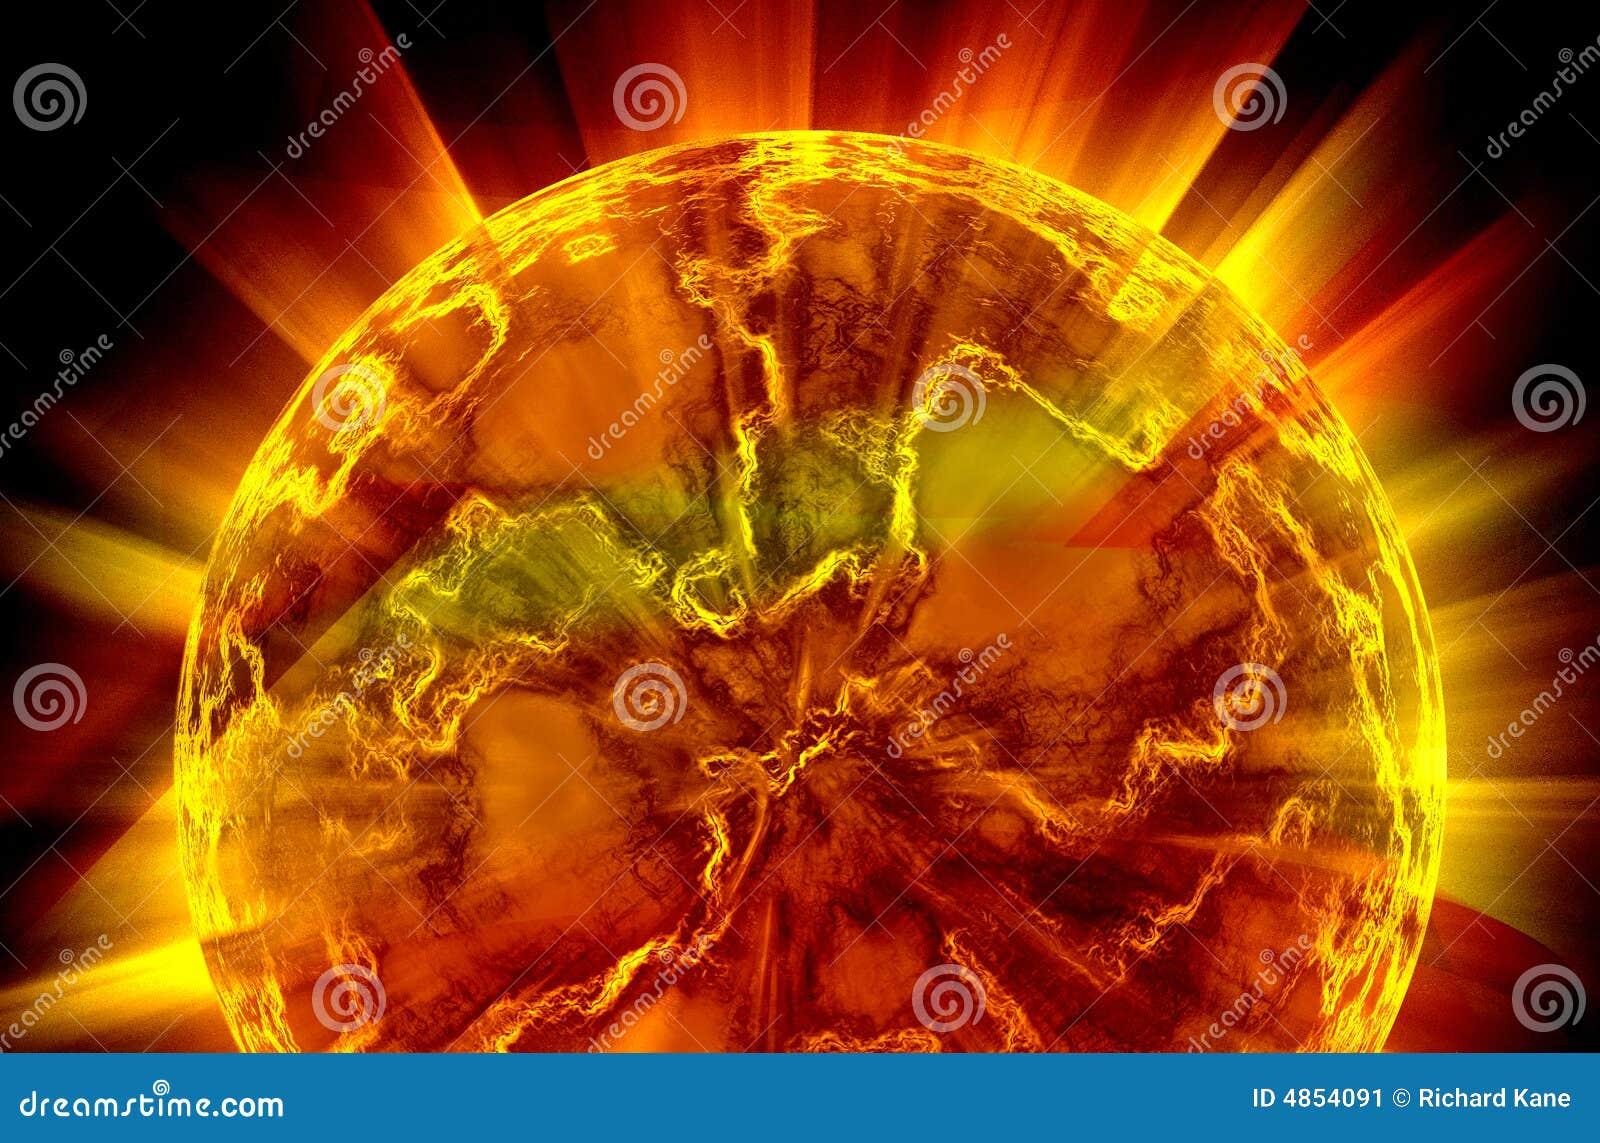 Planeta que brilla intensamente, orbe que brilla intensamente